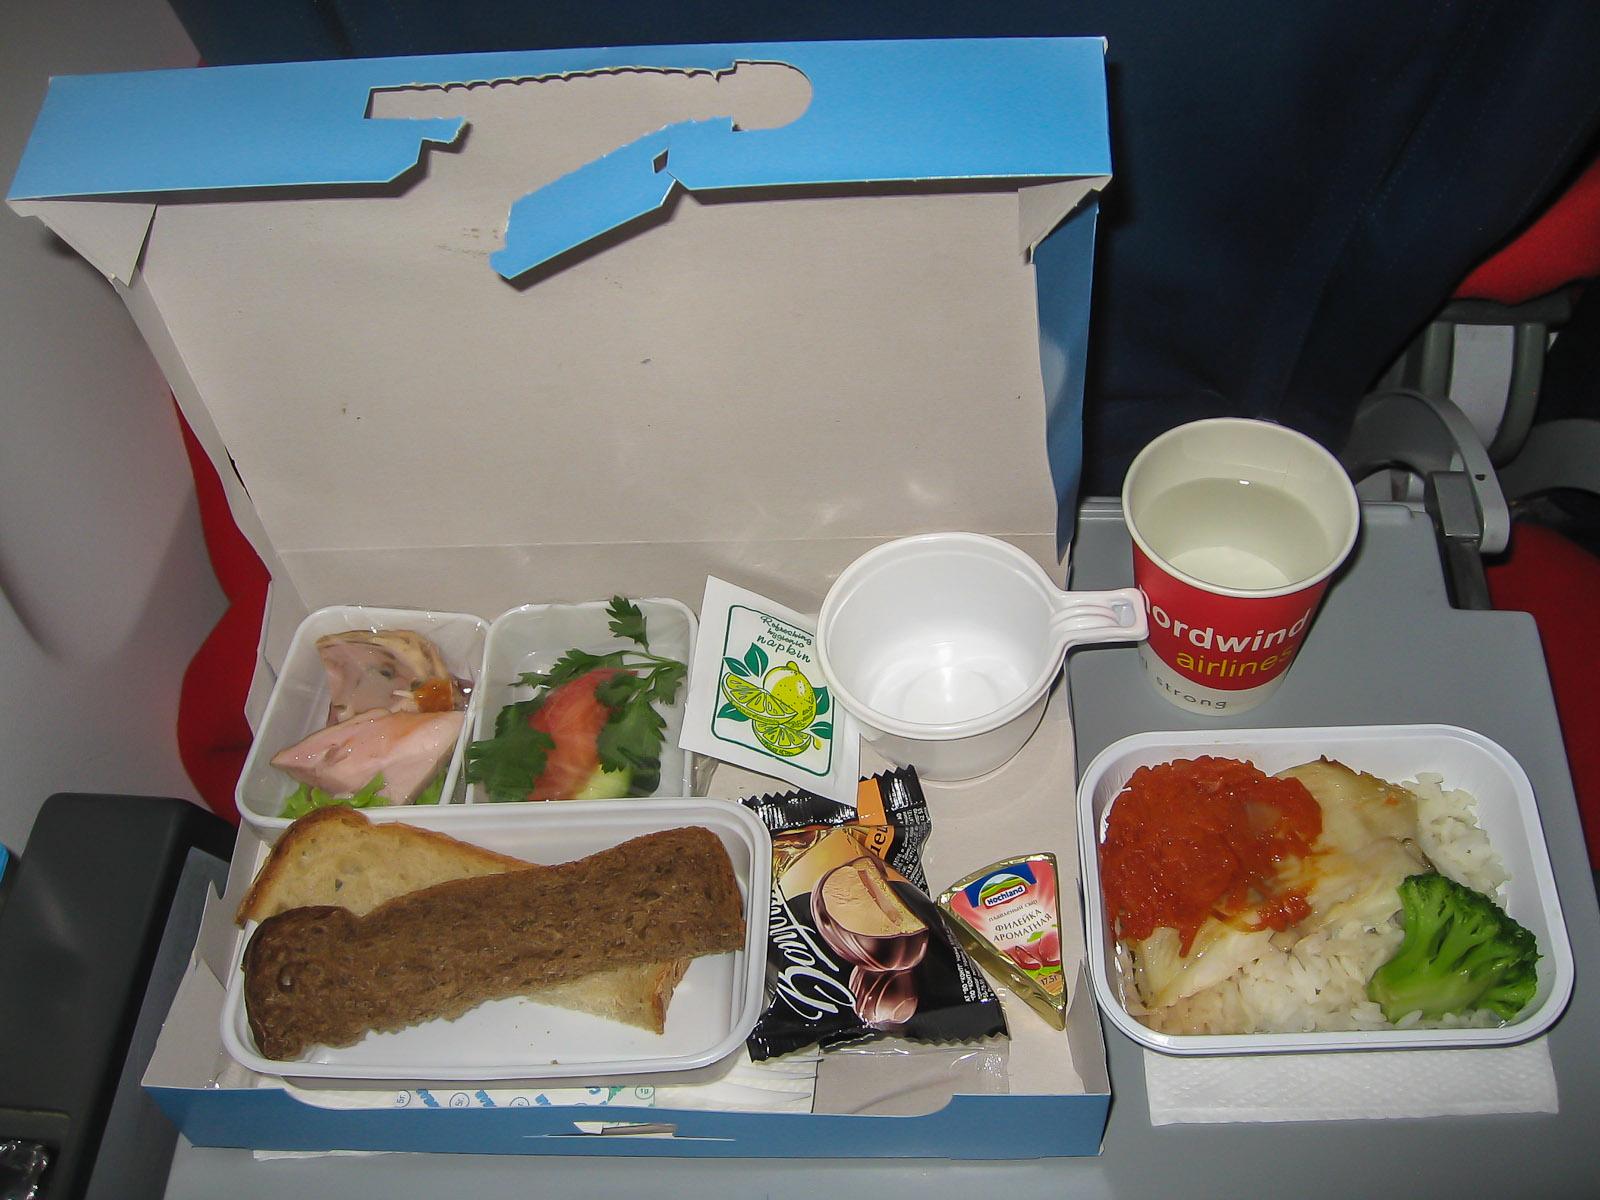 Питание на рейсе Красноярск-Пхукет авиакомпании Nordwind